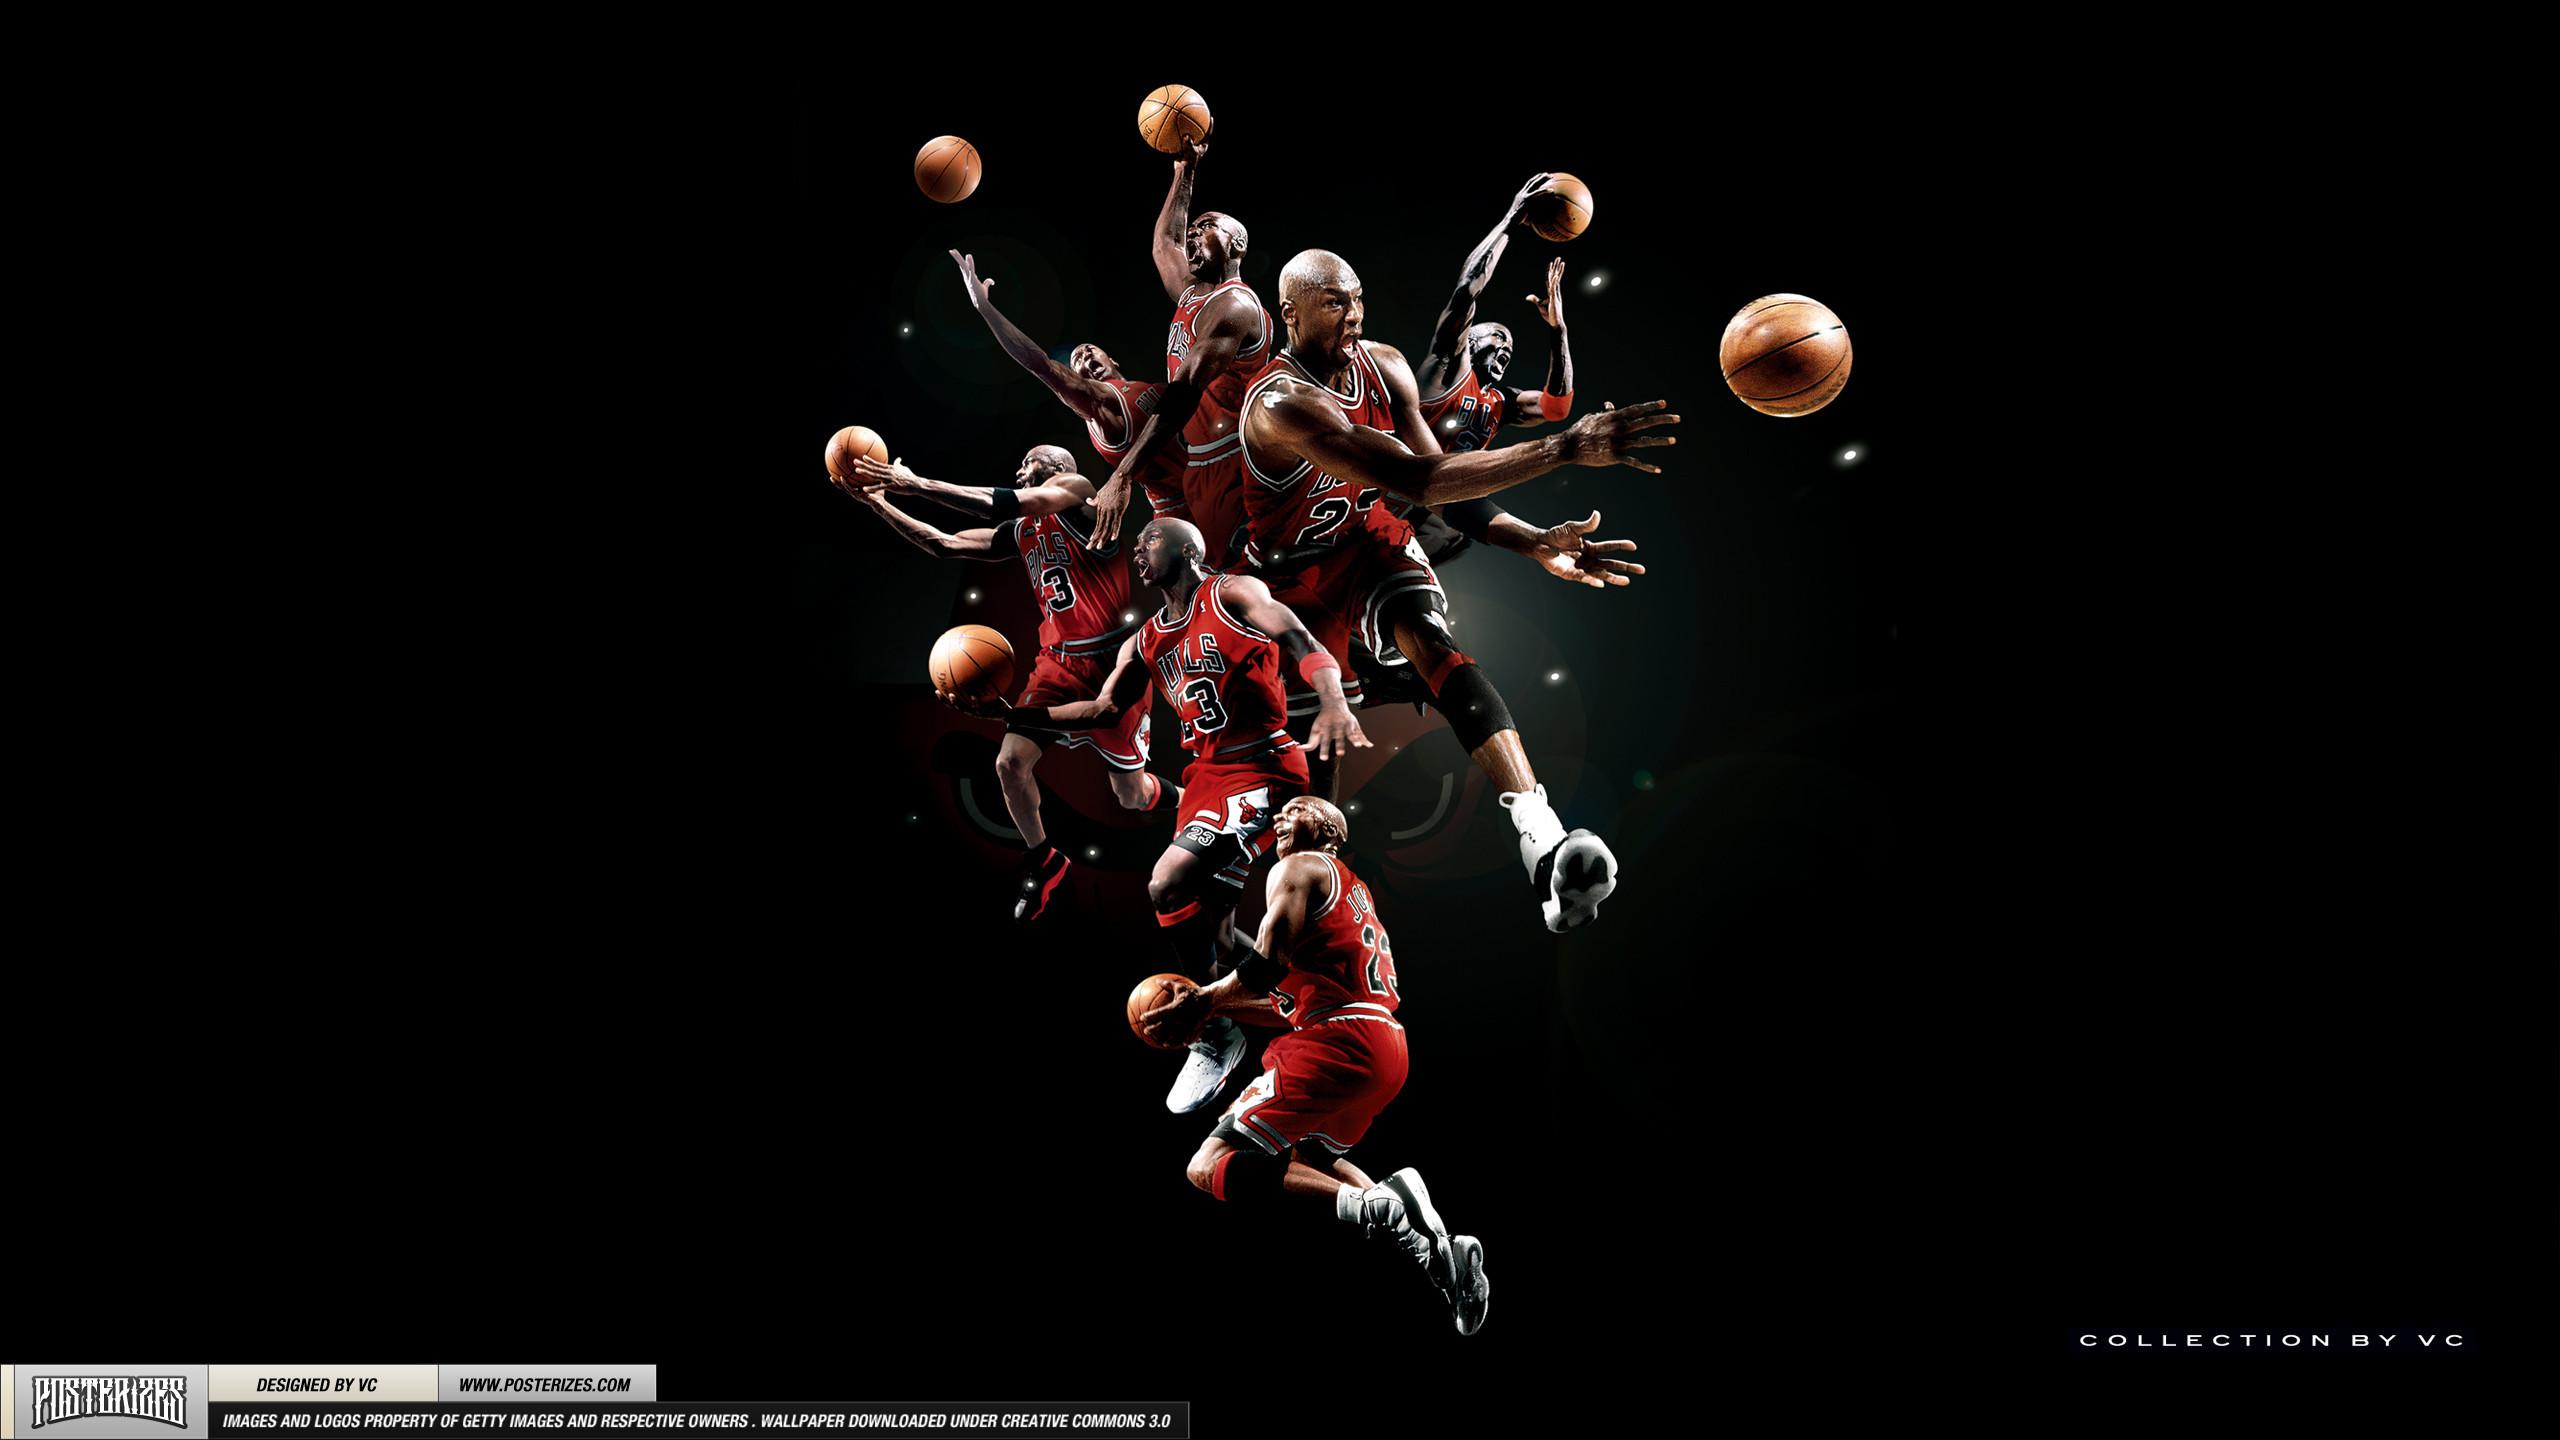 Michael Jordan Logo Wallpapers images